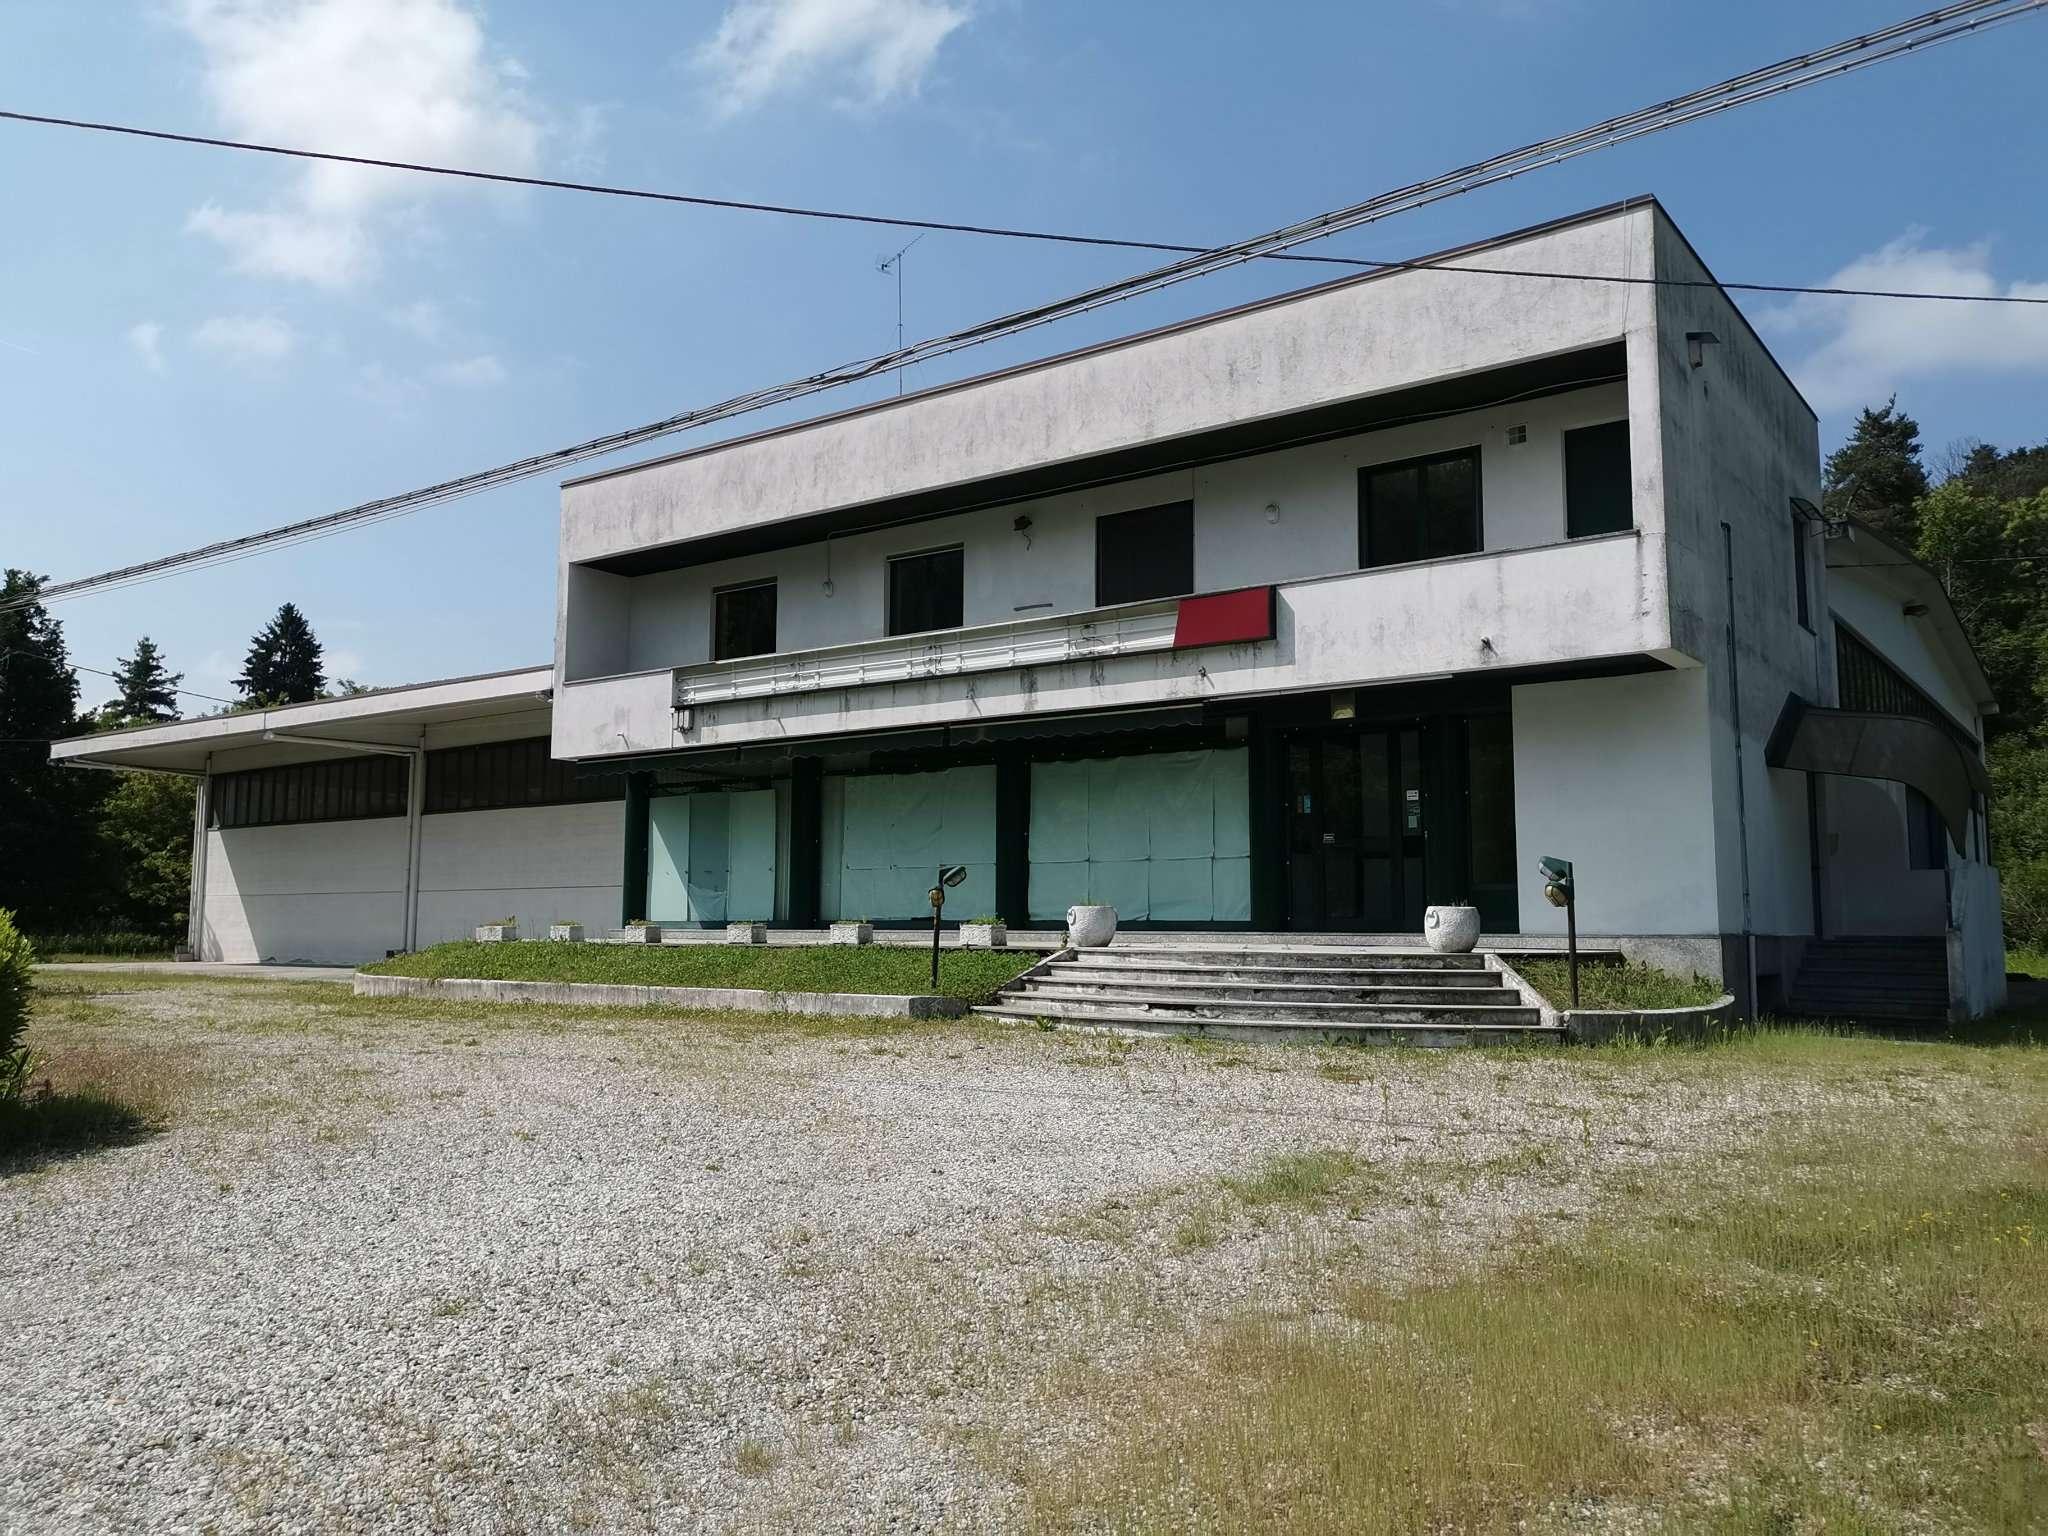 Capannone in vendita a Baldissero d'Alba, 9999 locali, prezzo € 850.000 | PortaleAgenzieImmobiliari.it